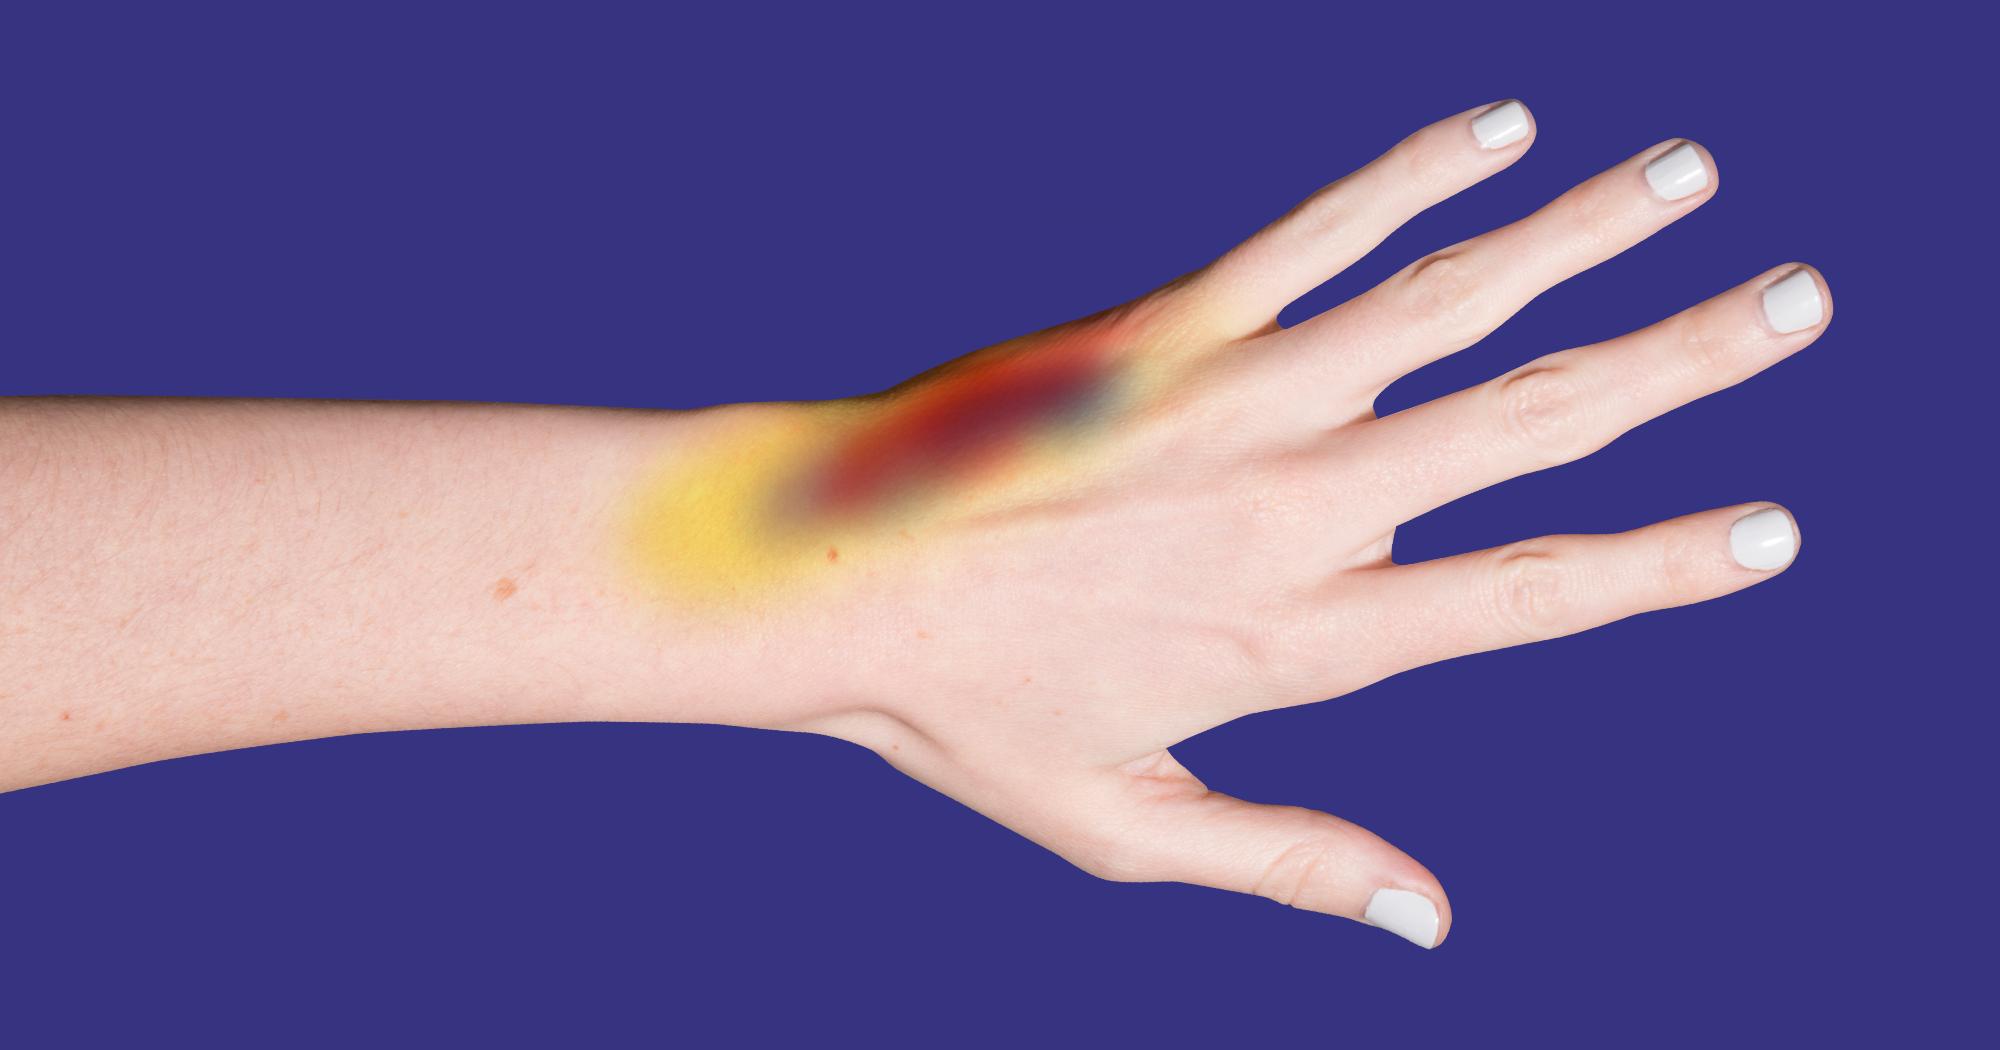 Bruising Easily - Why Do I Bruise So Easy